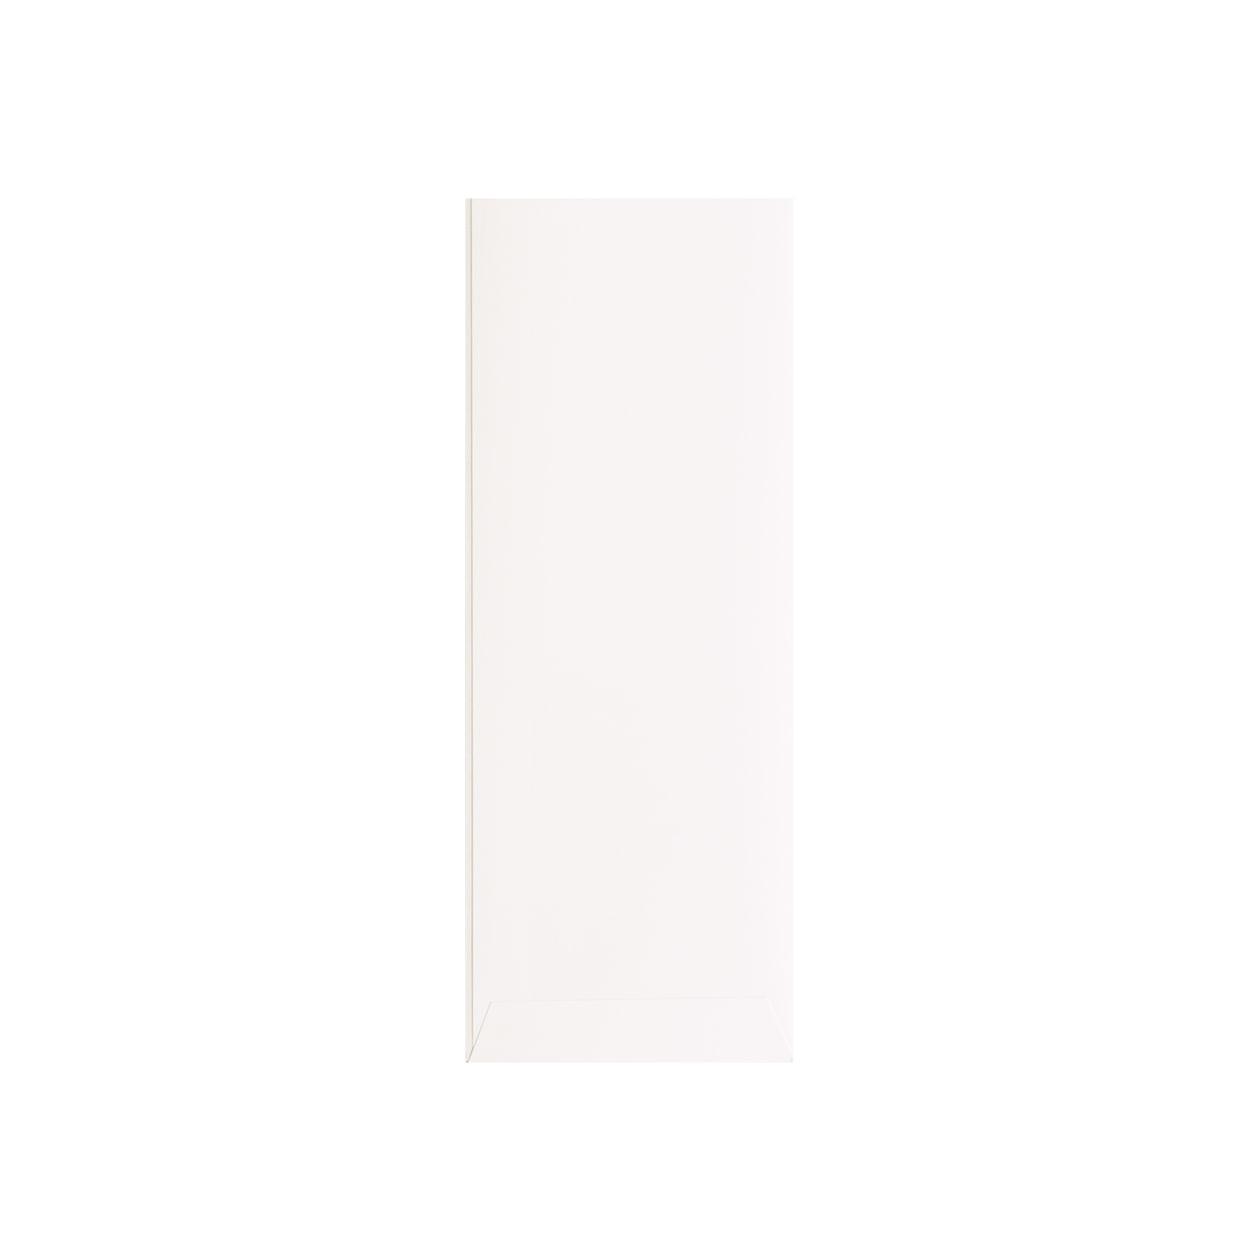 平袋90×235窓付 HAGURUMA Basic プレインホワイト 100g